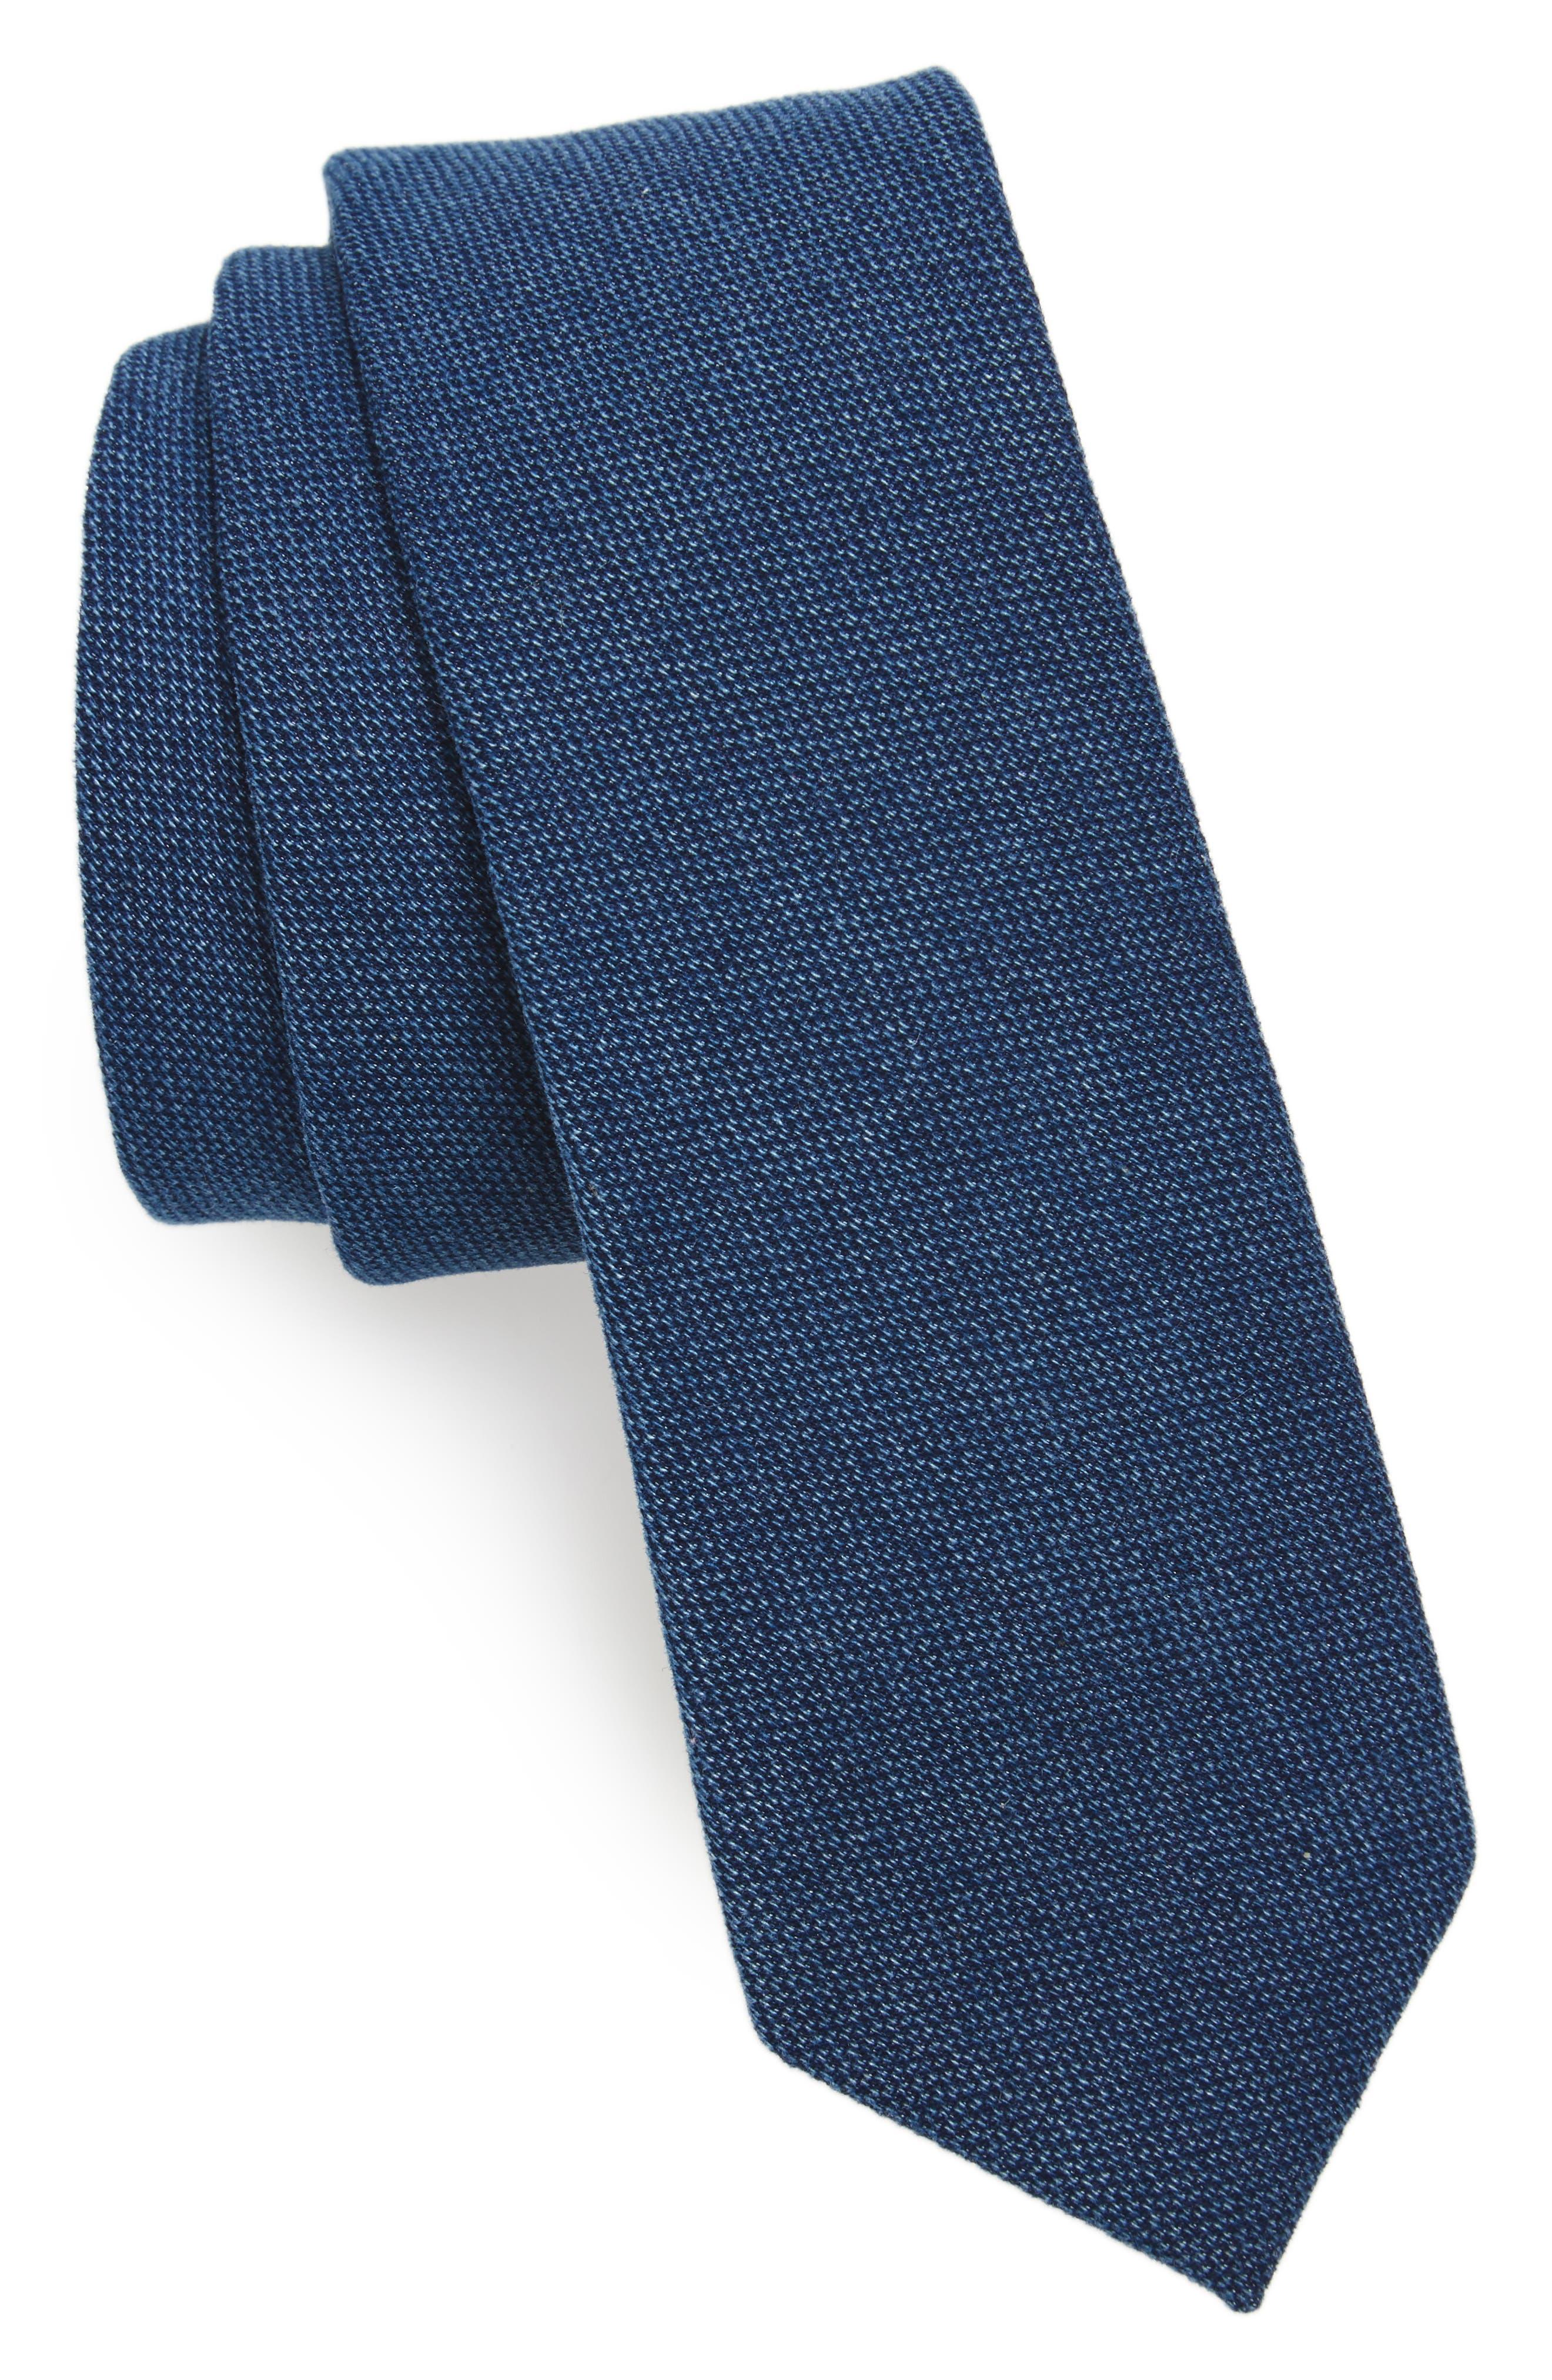 Verona Solid Cotton Skinny Tie,                         Main,                         color, Navy